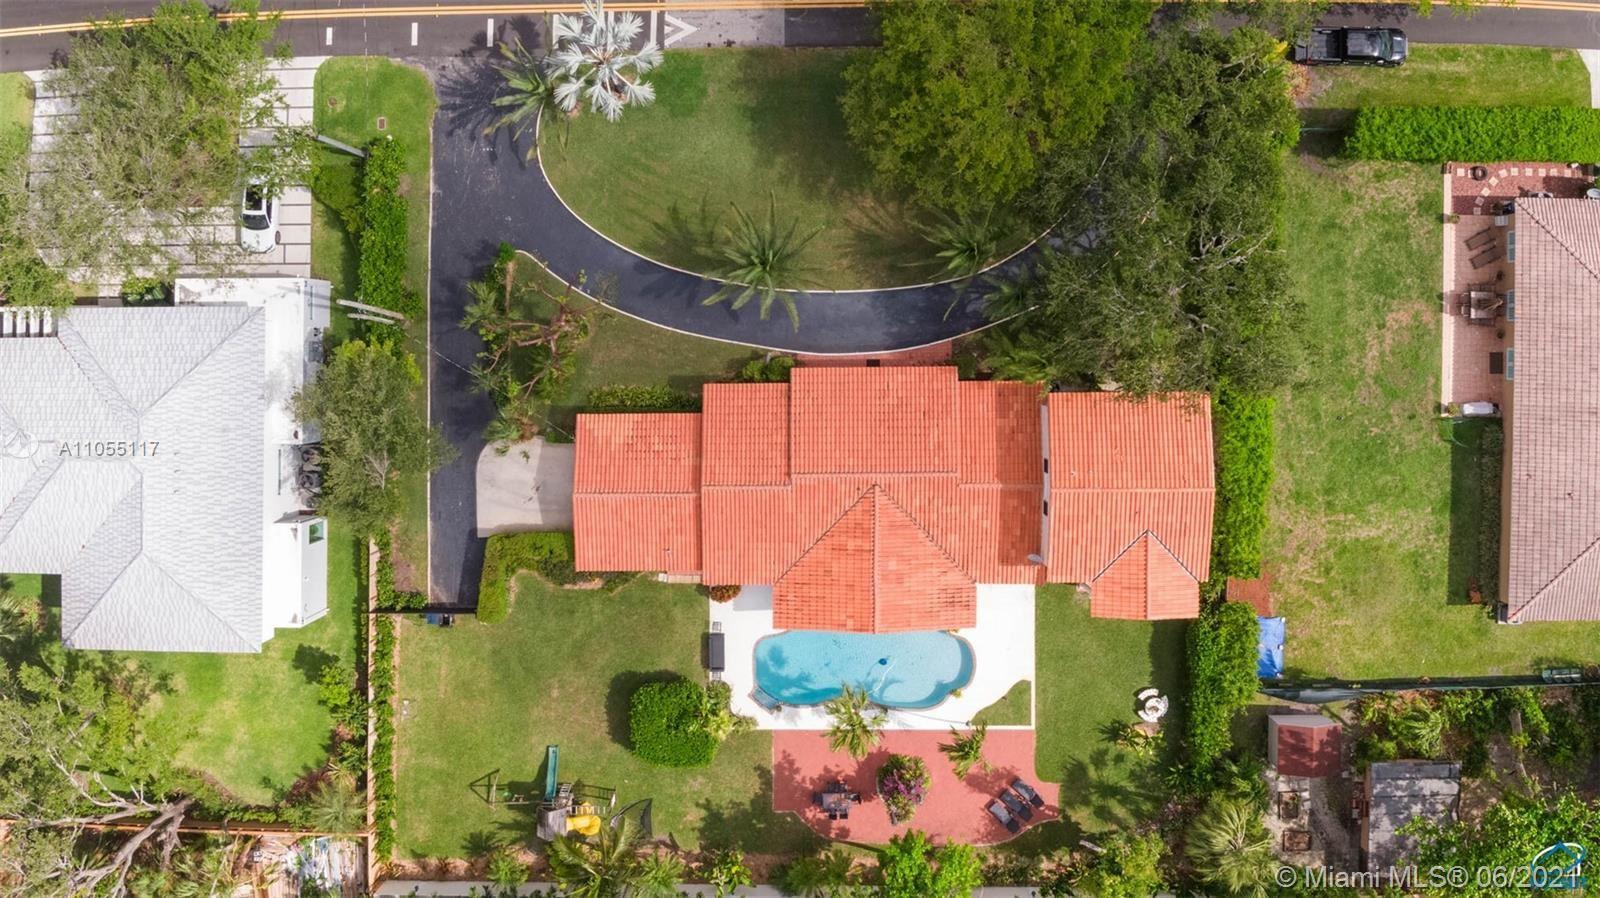 5940 SW 79 St, South Miami, FL 33143 - #: A11055117